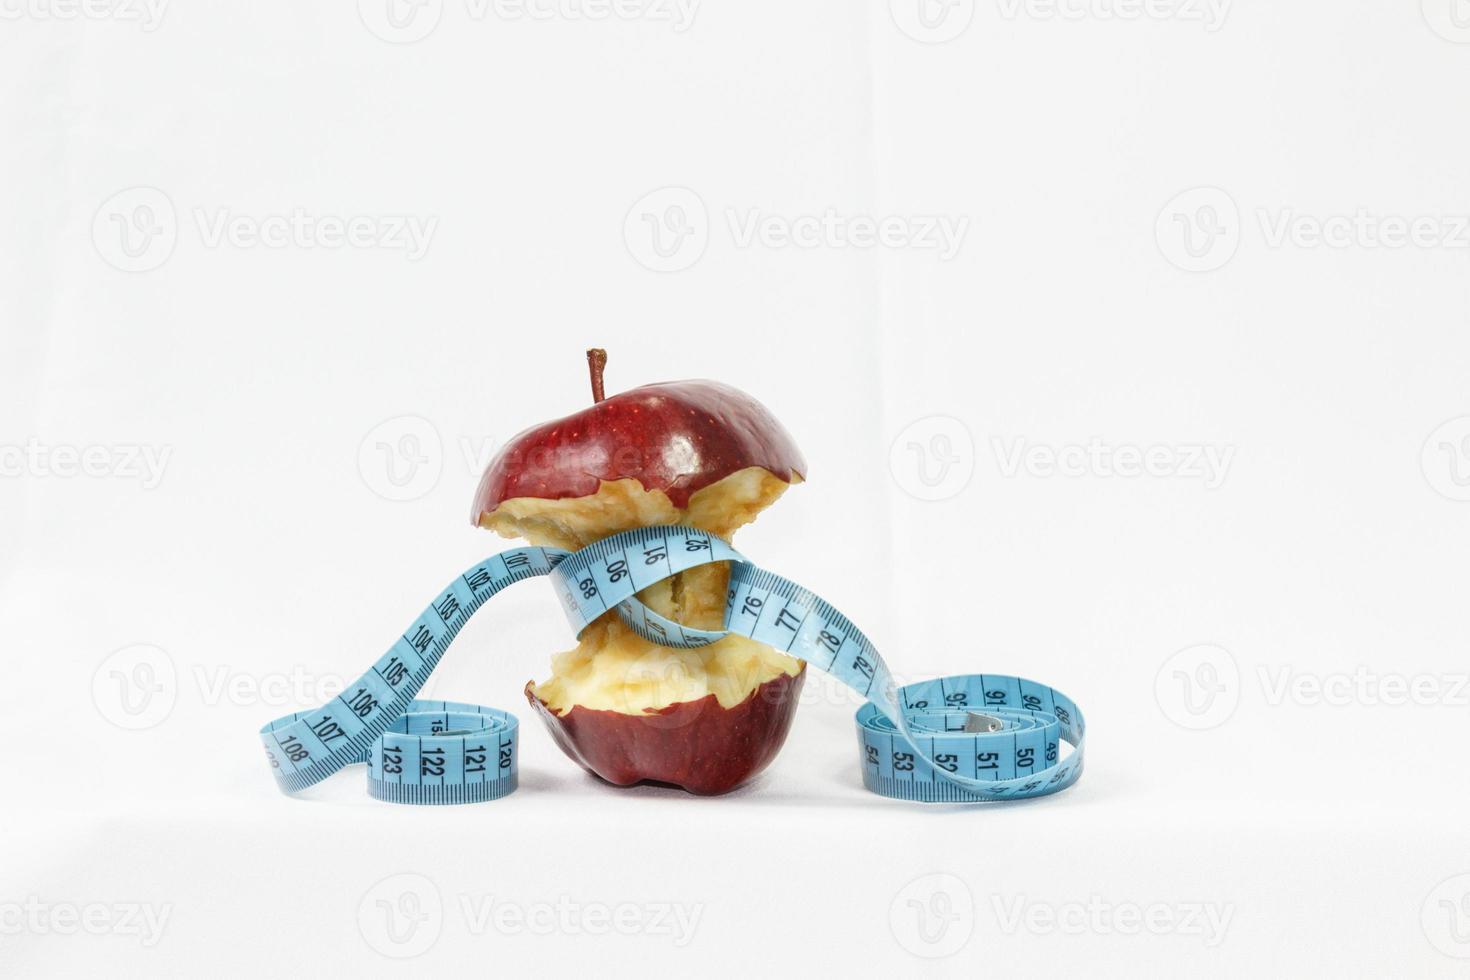 Apple liniaal meting vergelijking. foto